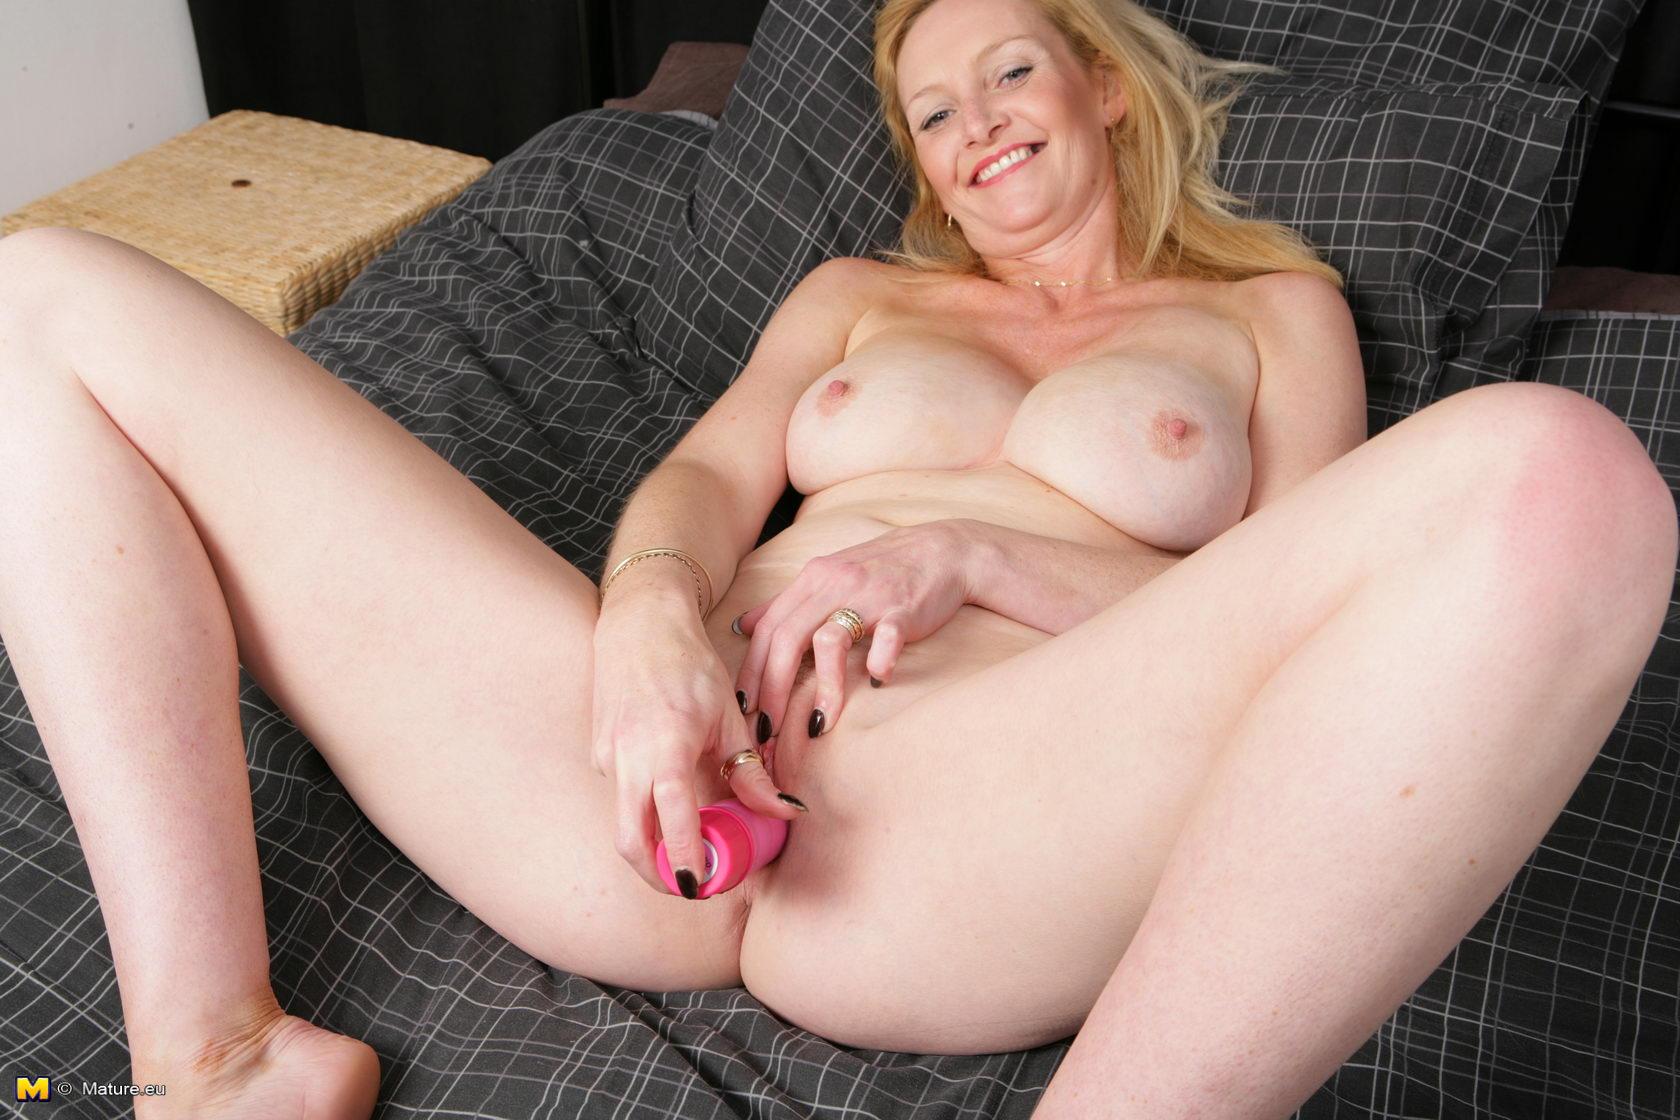 Breast shania twain hot